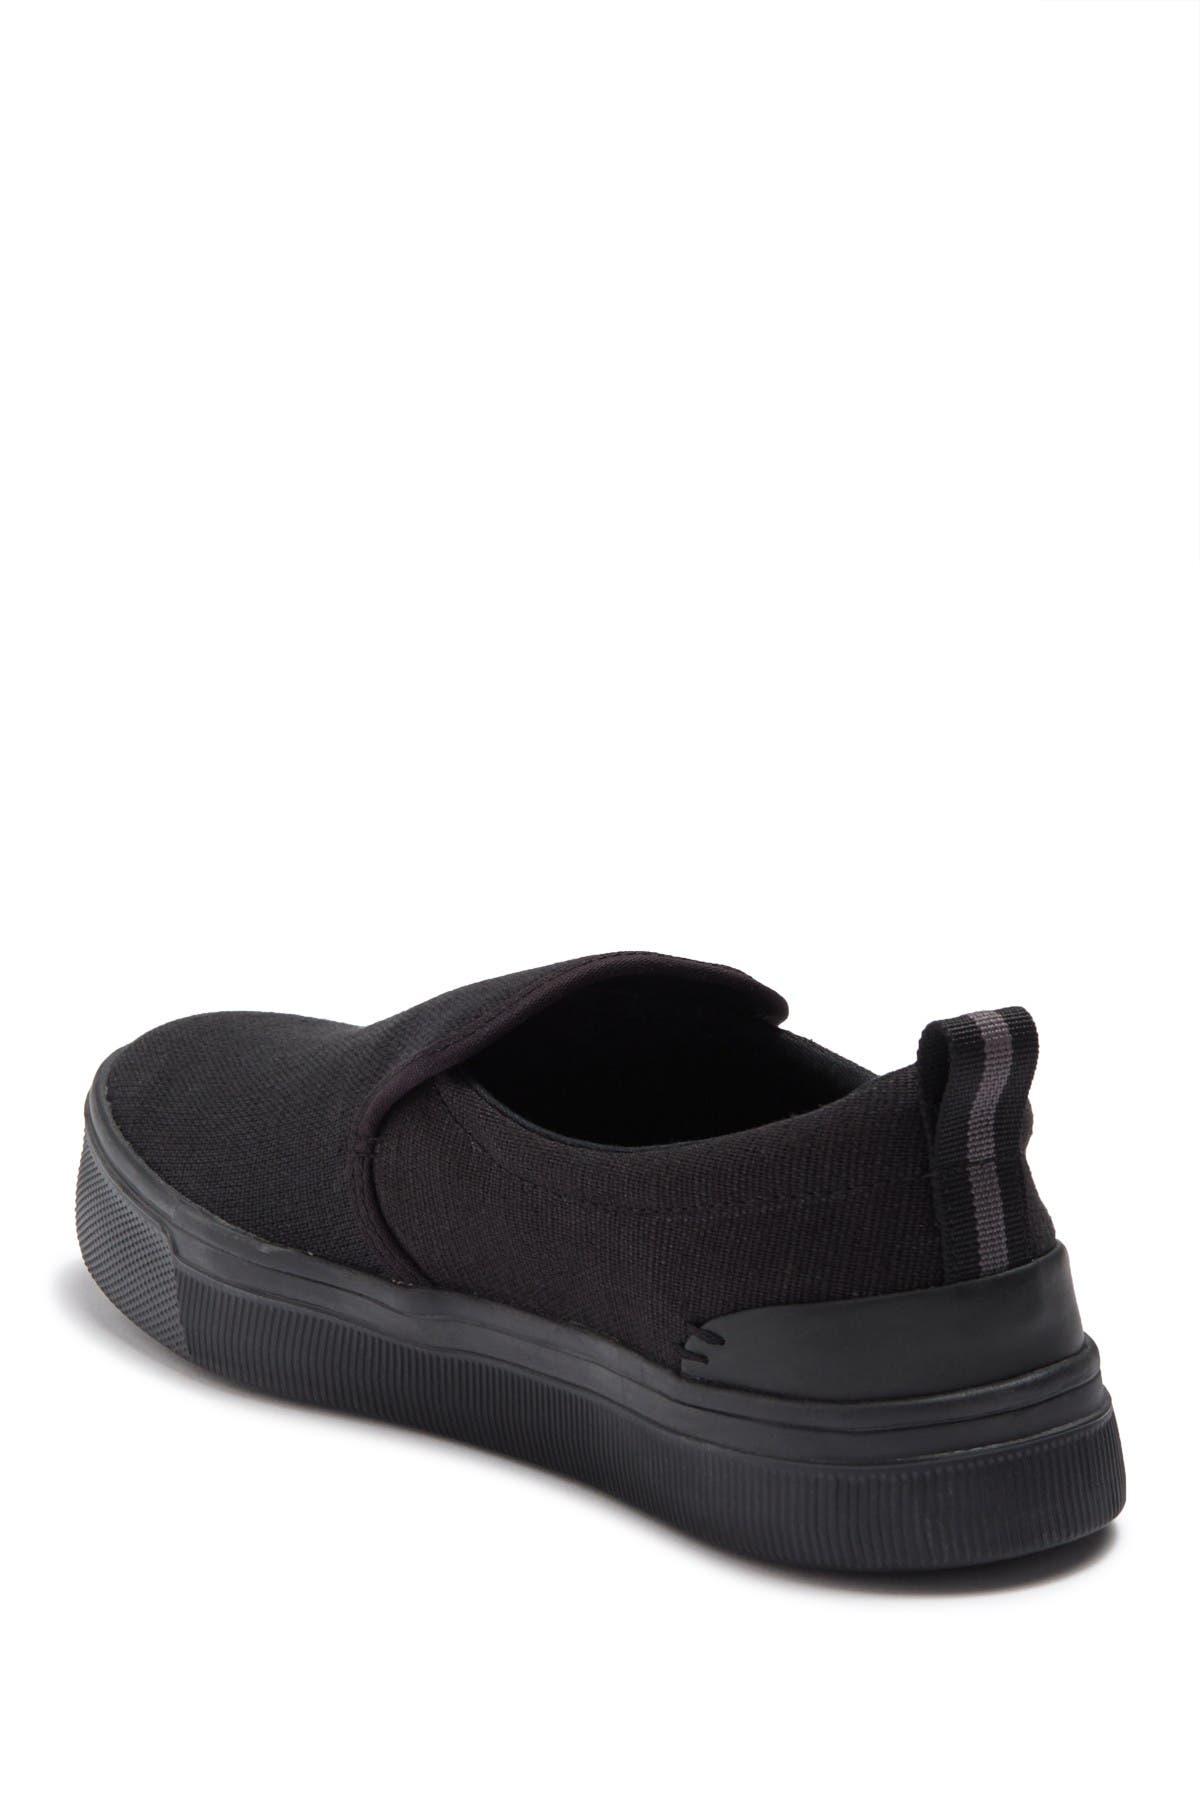 Image of TOMS TRVL Slip-On Sneaker